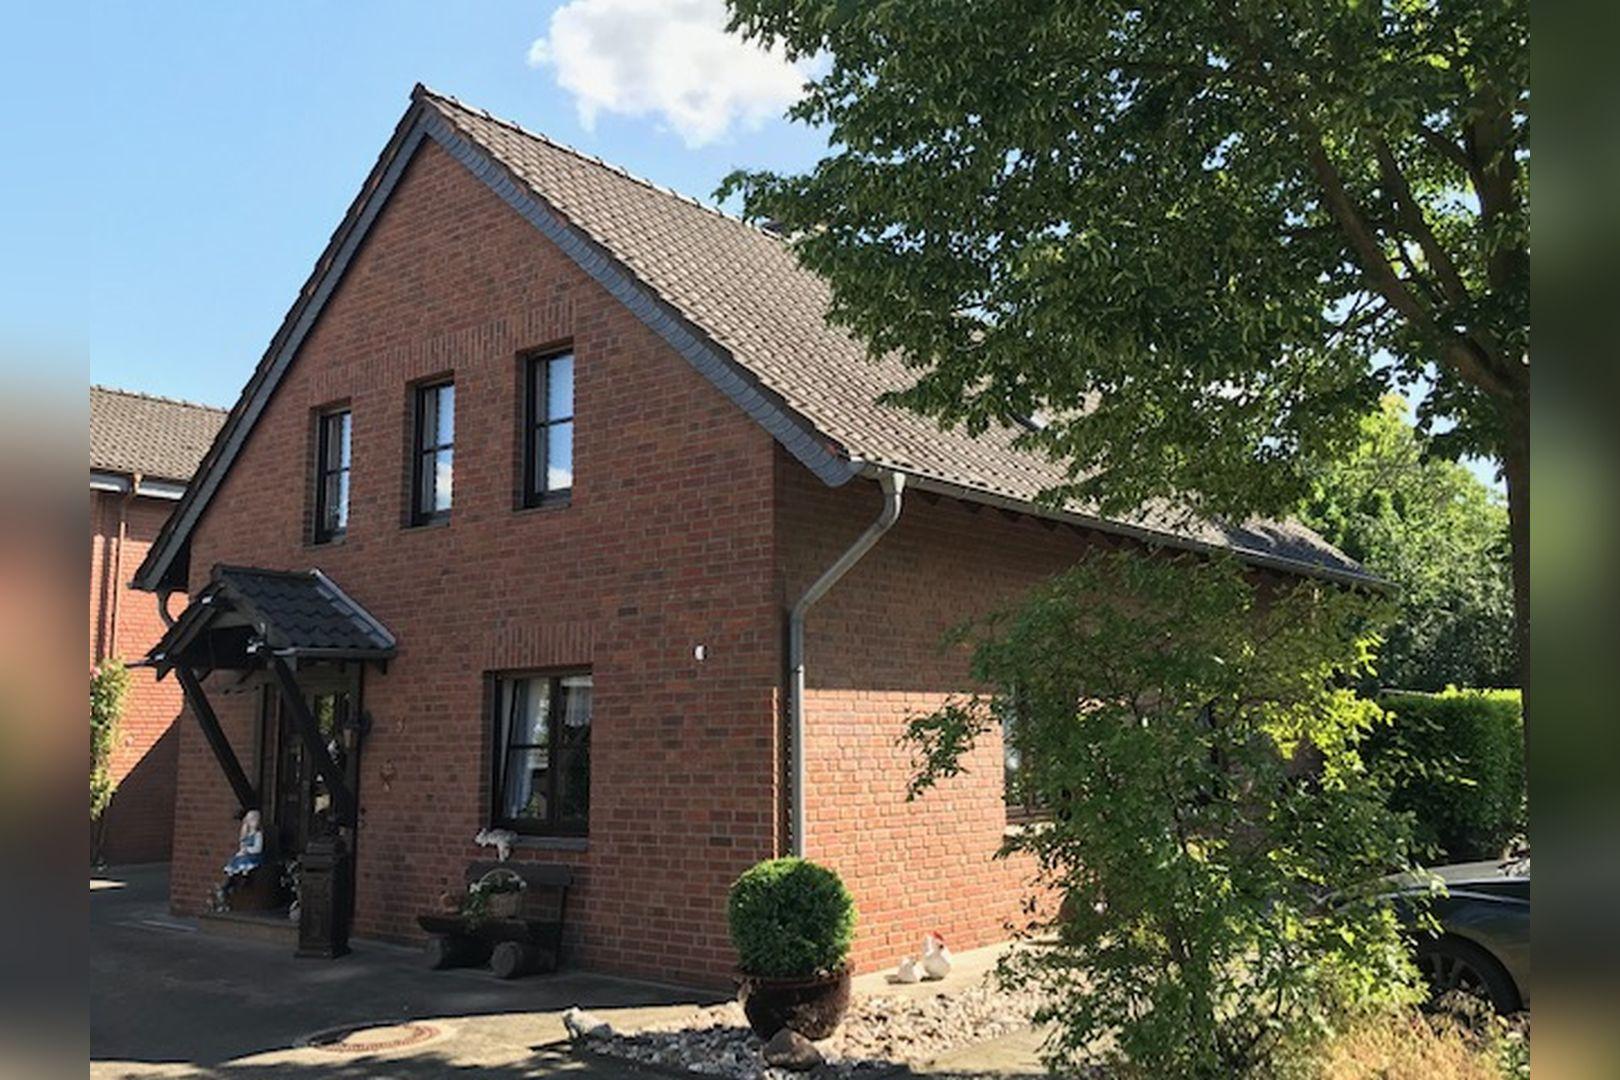 Immobilie Nr.0259 | Gelleper Str. 3, 40668 Meerbusch - Lank